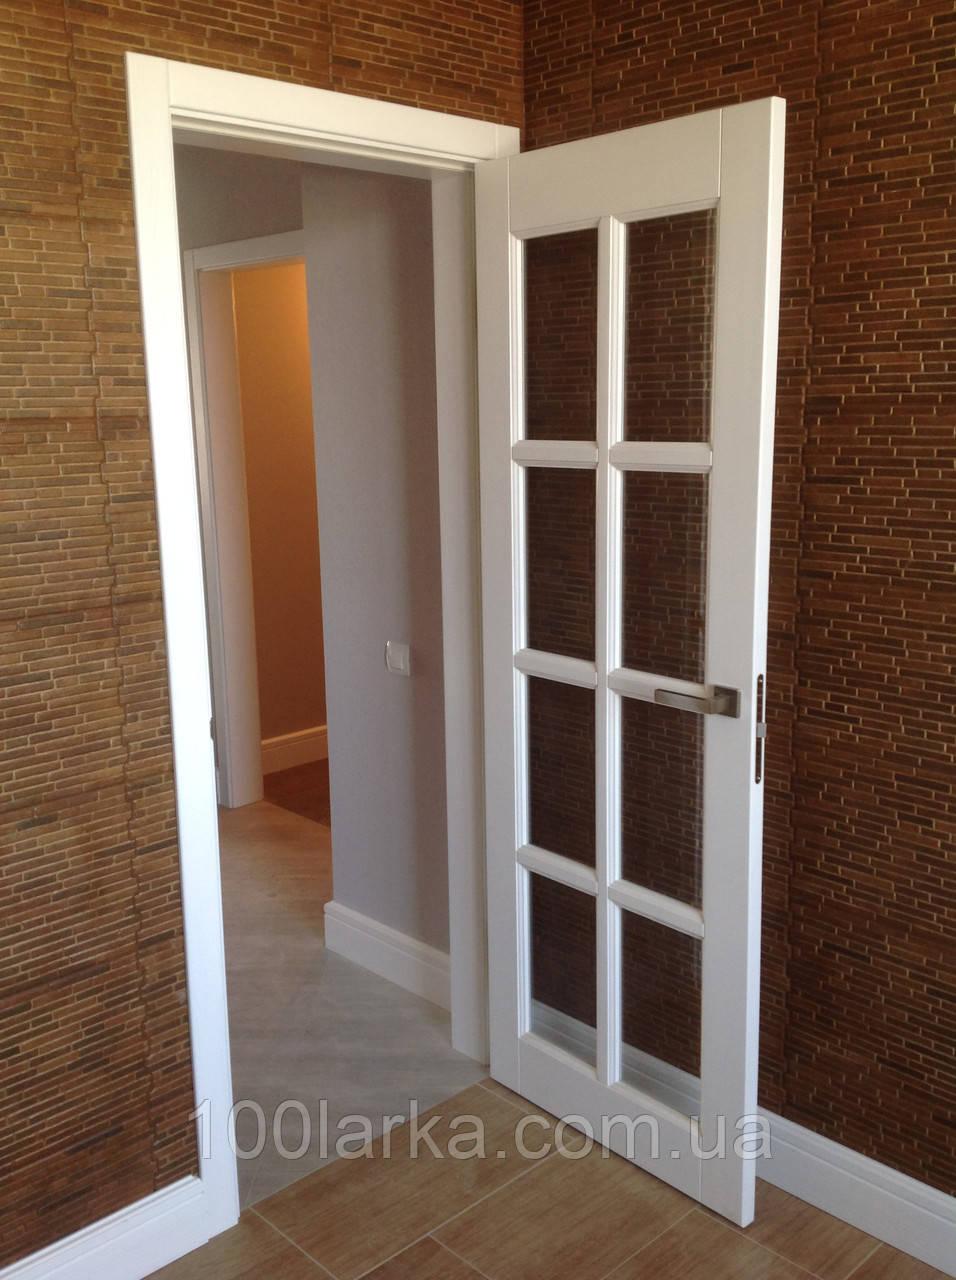 Двери межкомнатные деревянные